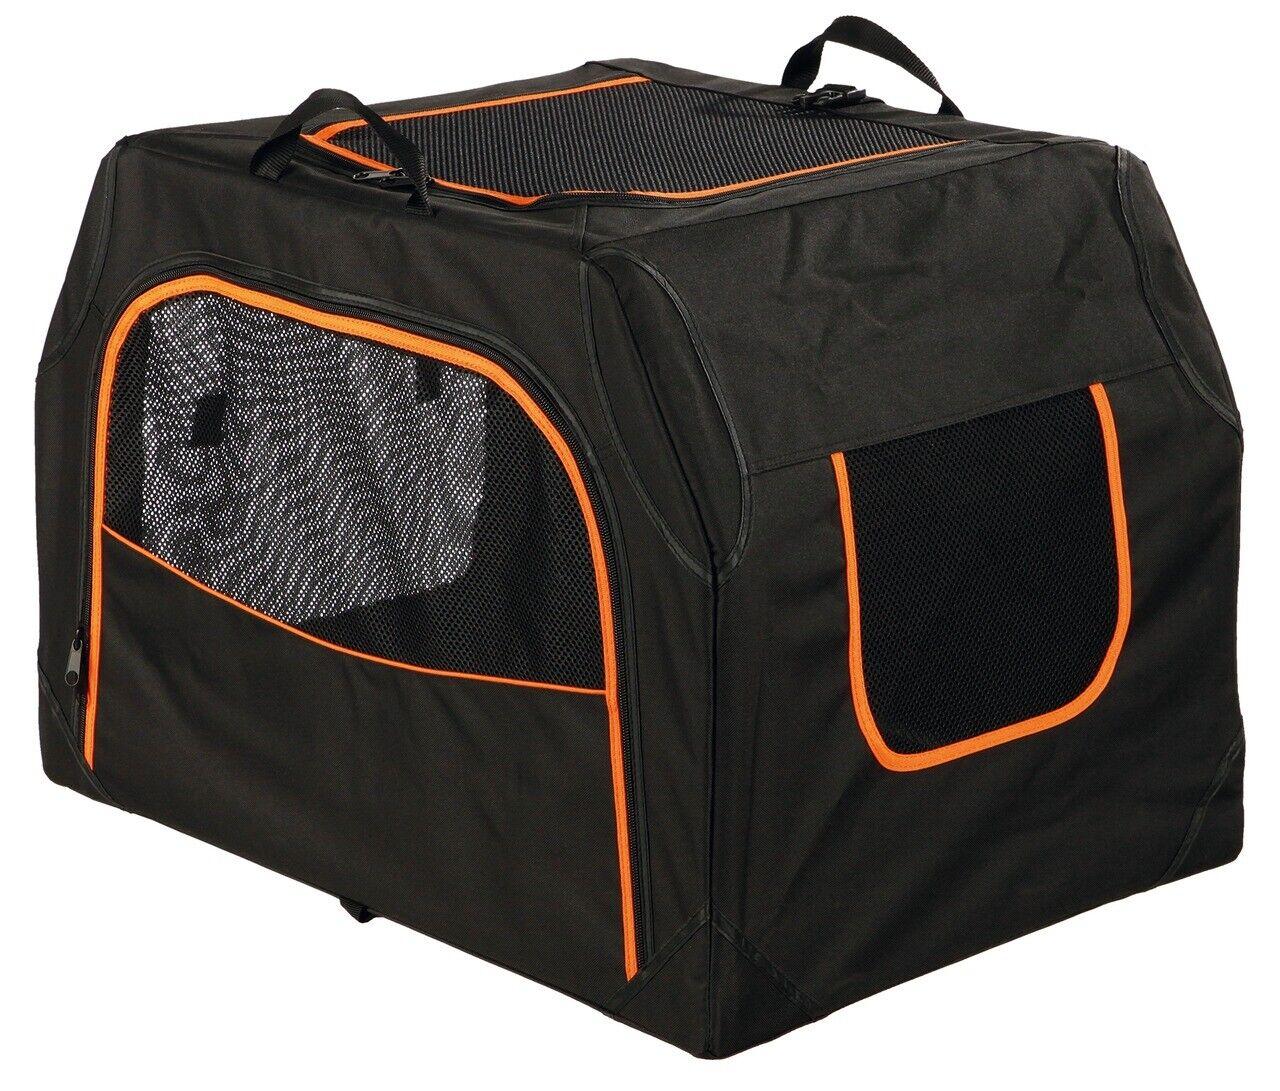 TRIXIE Transportbox Extend S - M 68 x 47 x 48 cm schwarz Orange